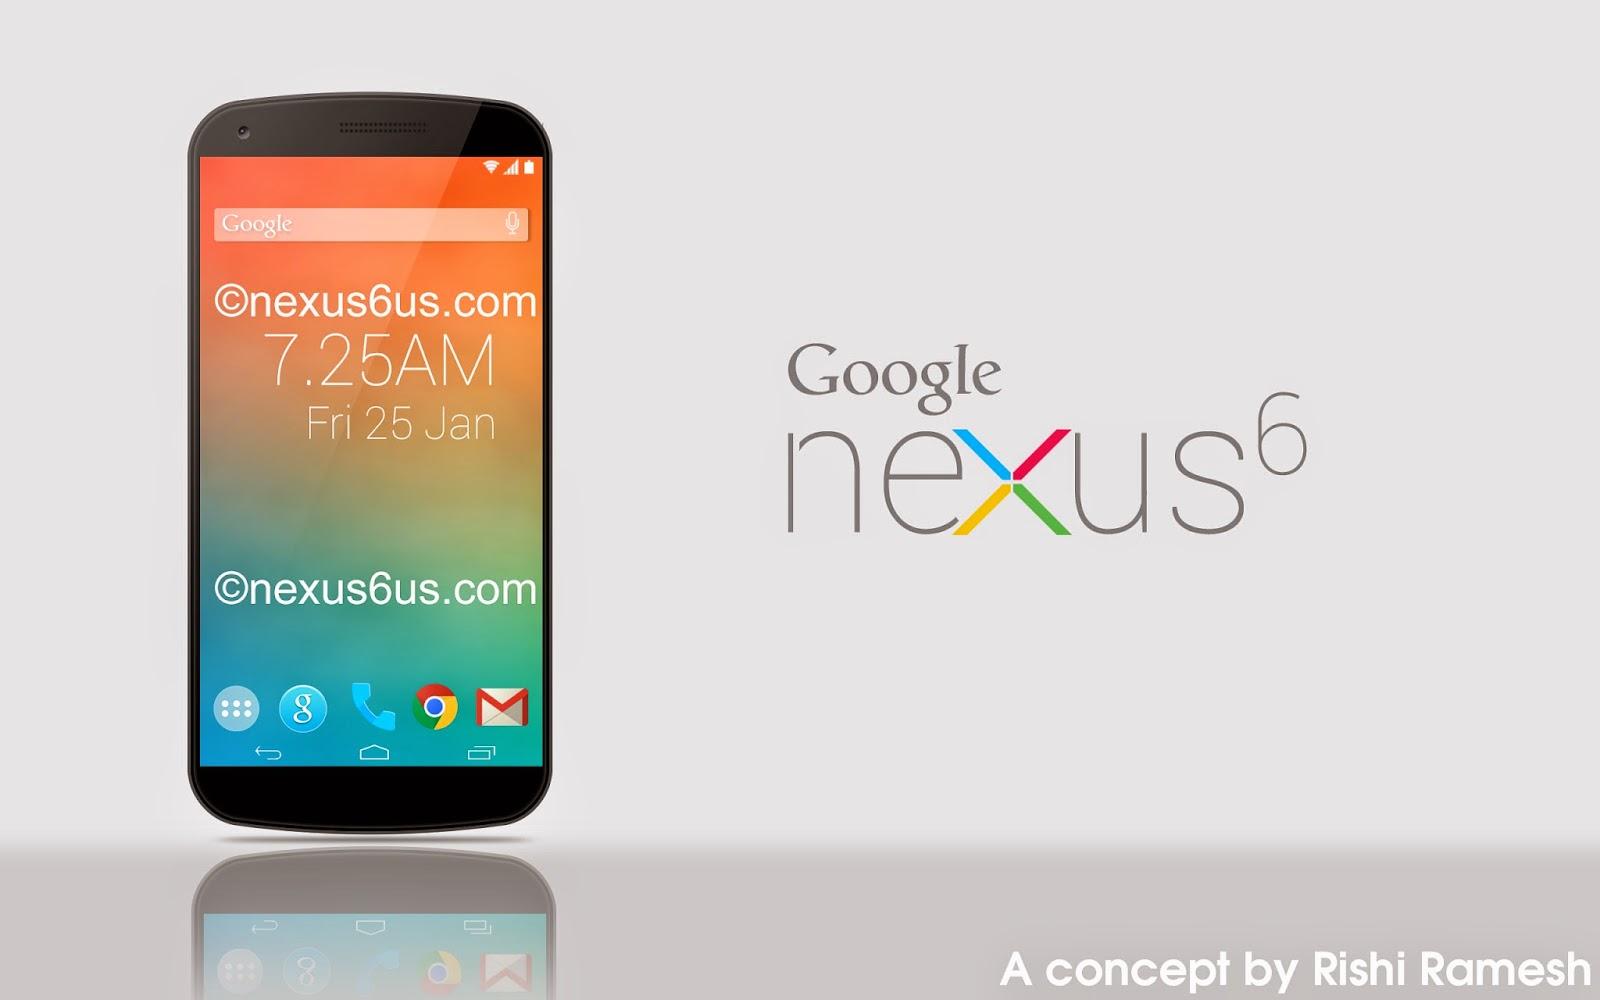 google nexus 6 sold in the market, google nexus 6 of today's advanced smartphones